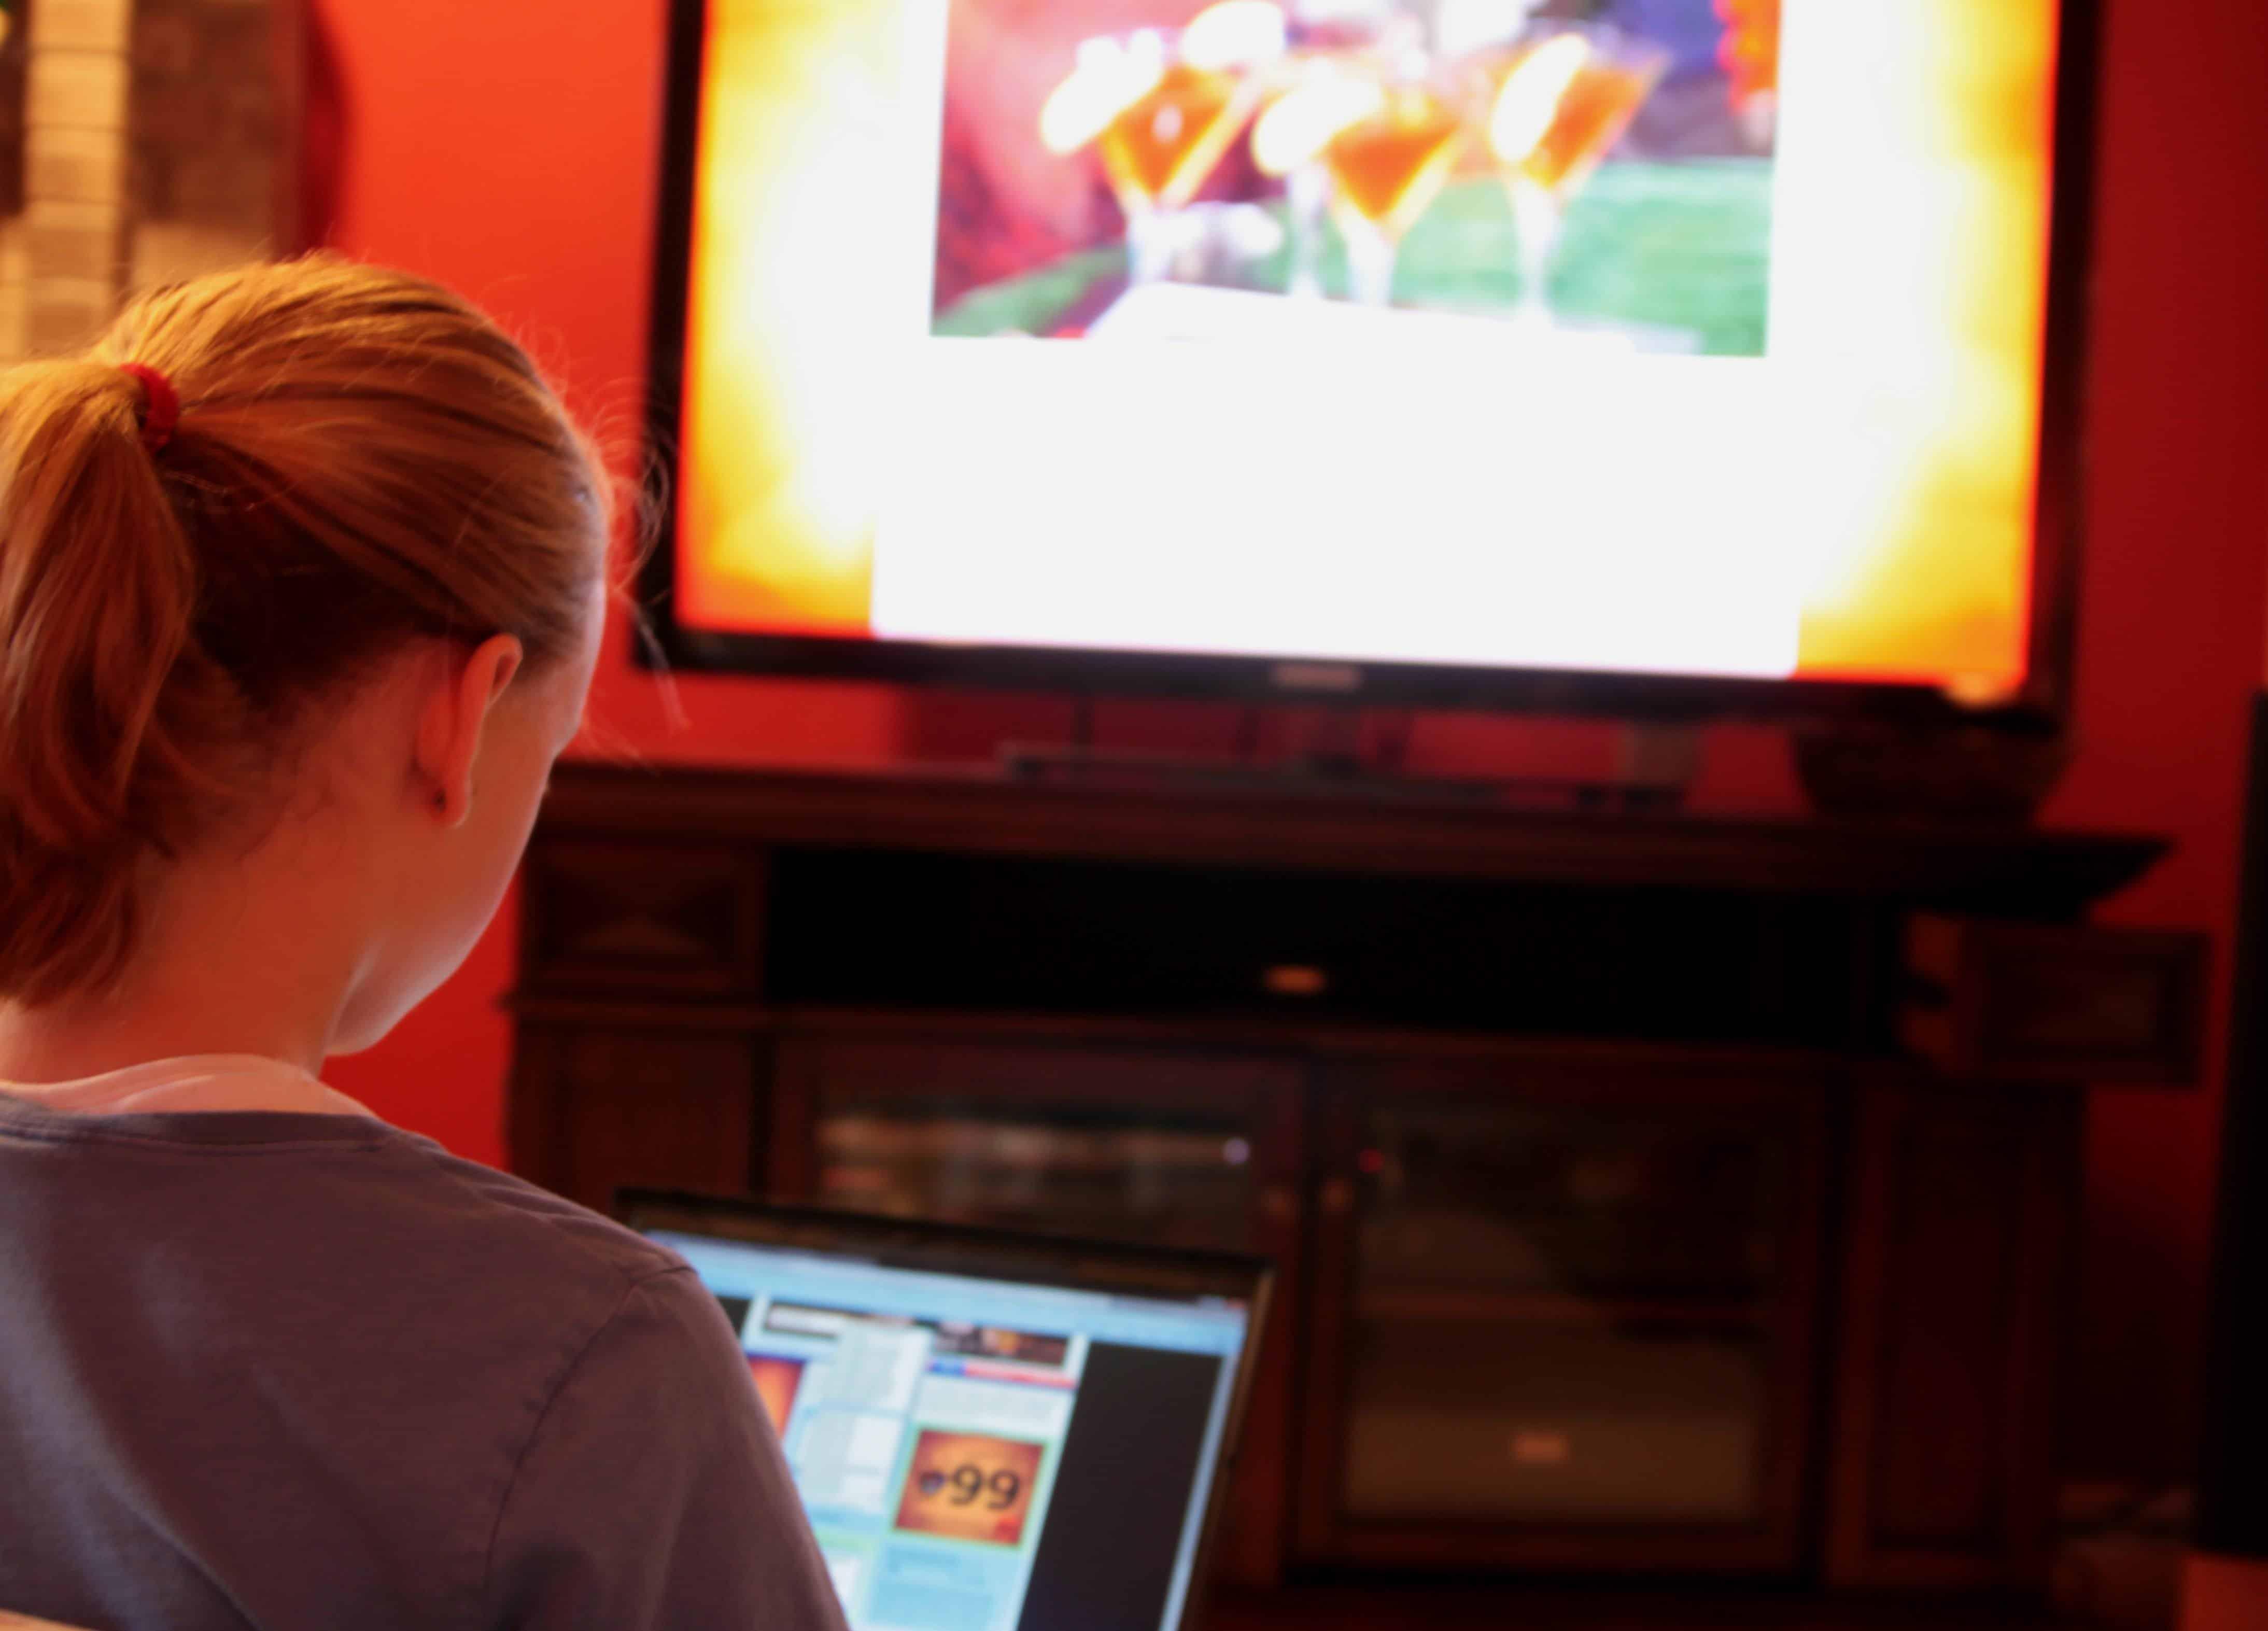 brasileiros preferem assistir tv ligados nas redes sociais aponta pesquisa. Black Bedroom Furniture Sets. Home Design Ideas